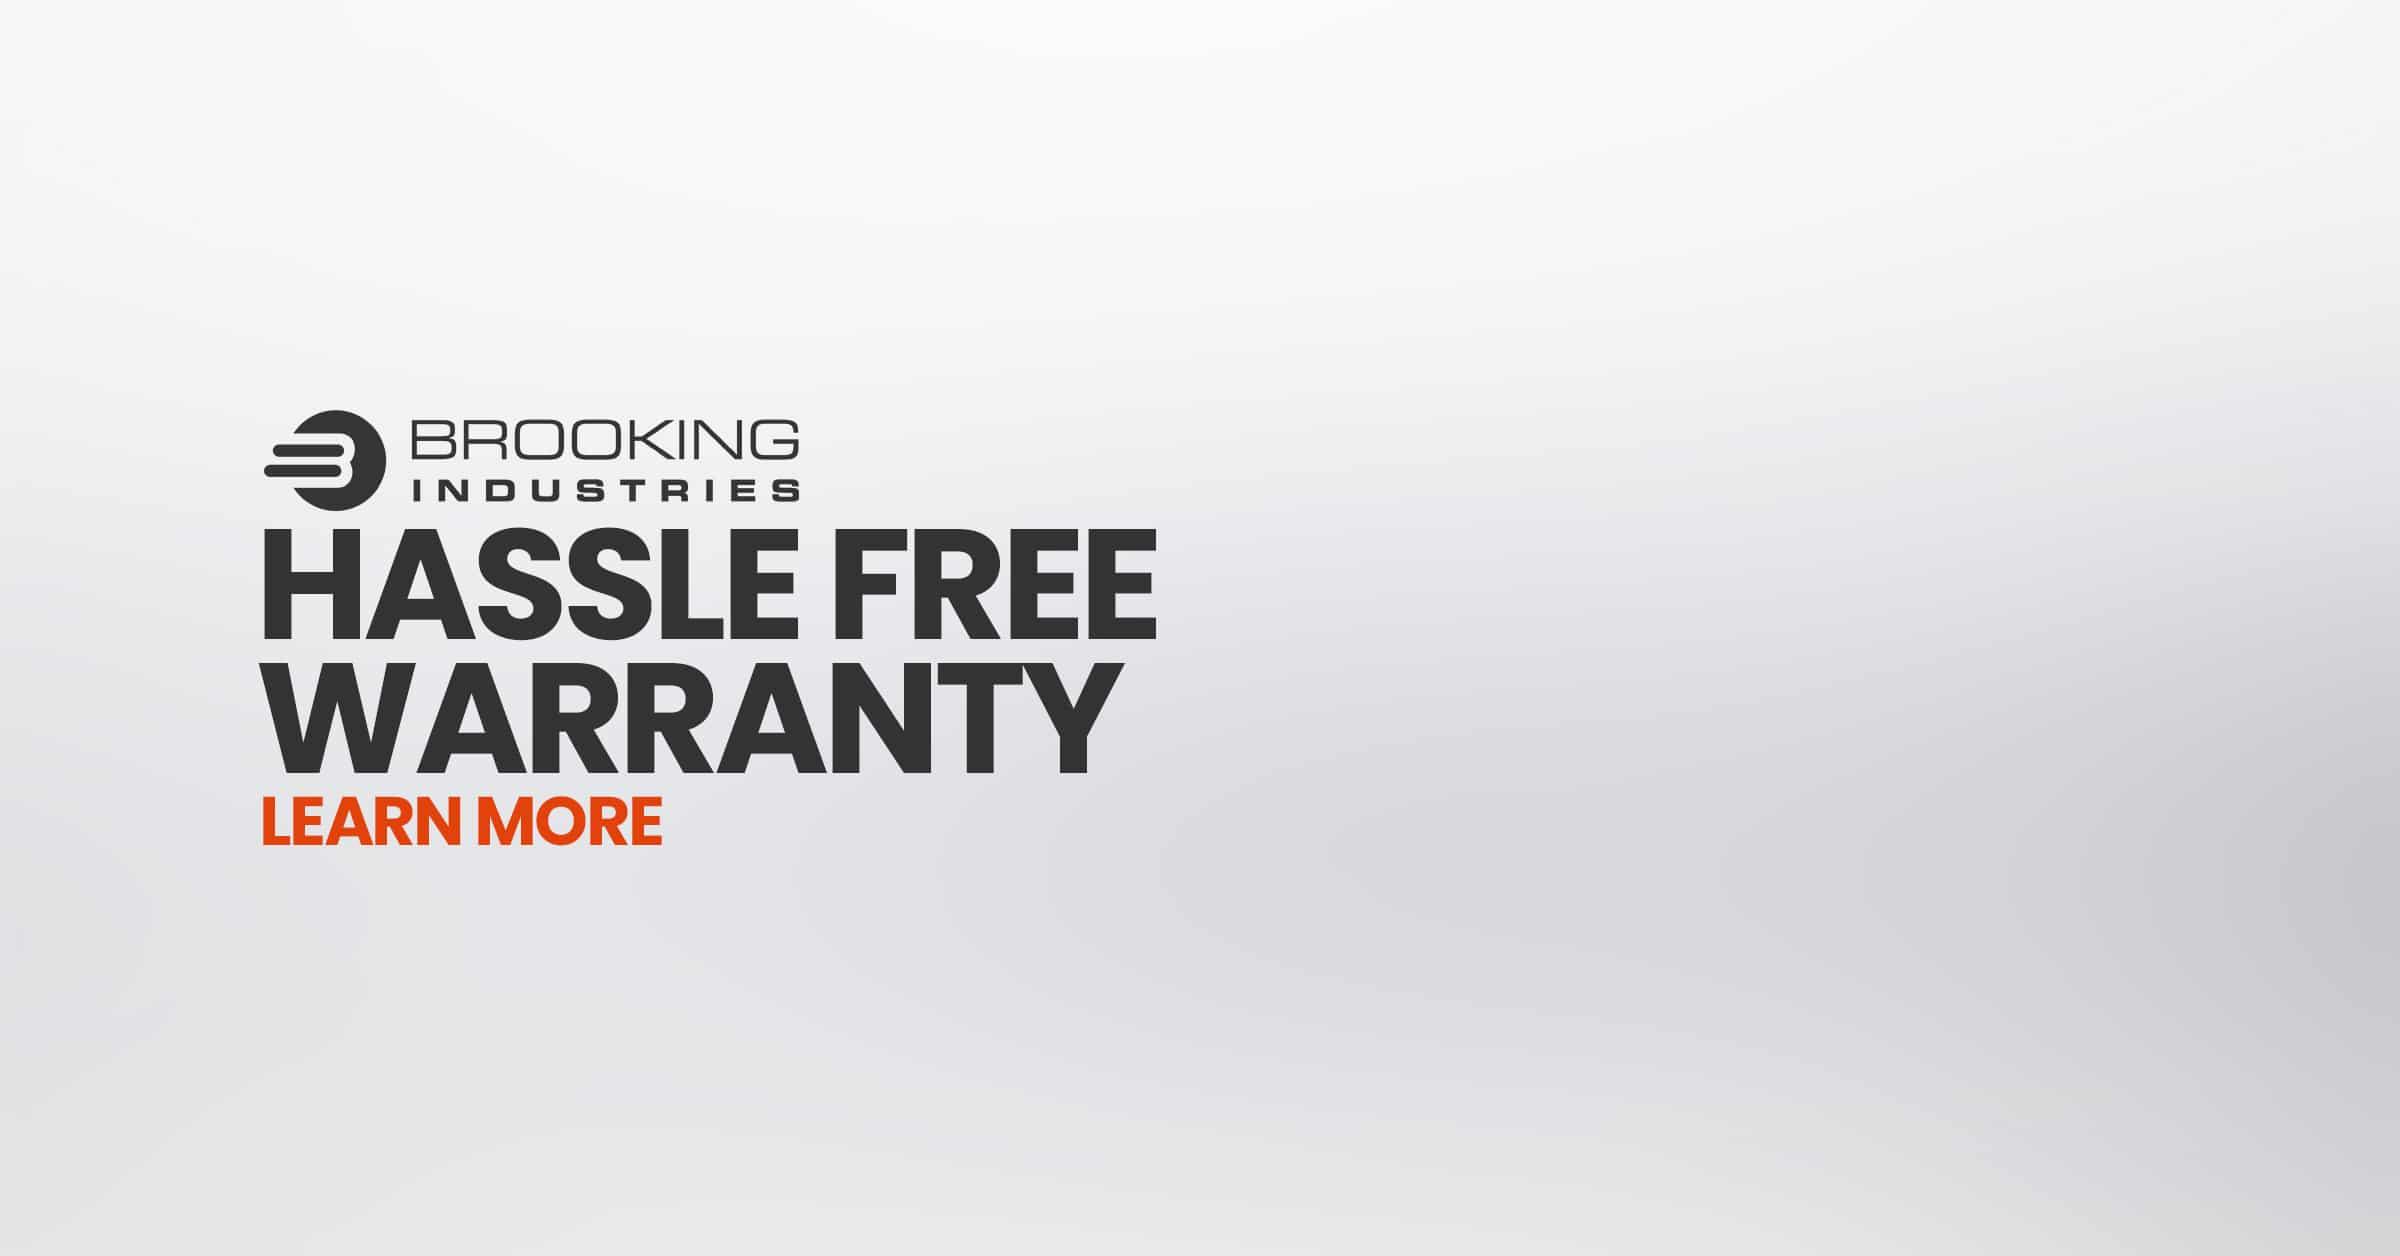 Hassle Free Warranty